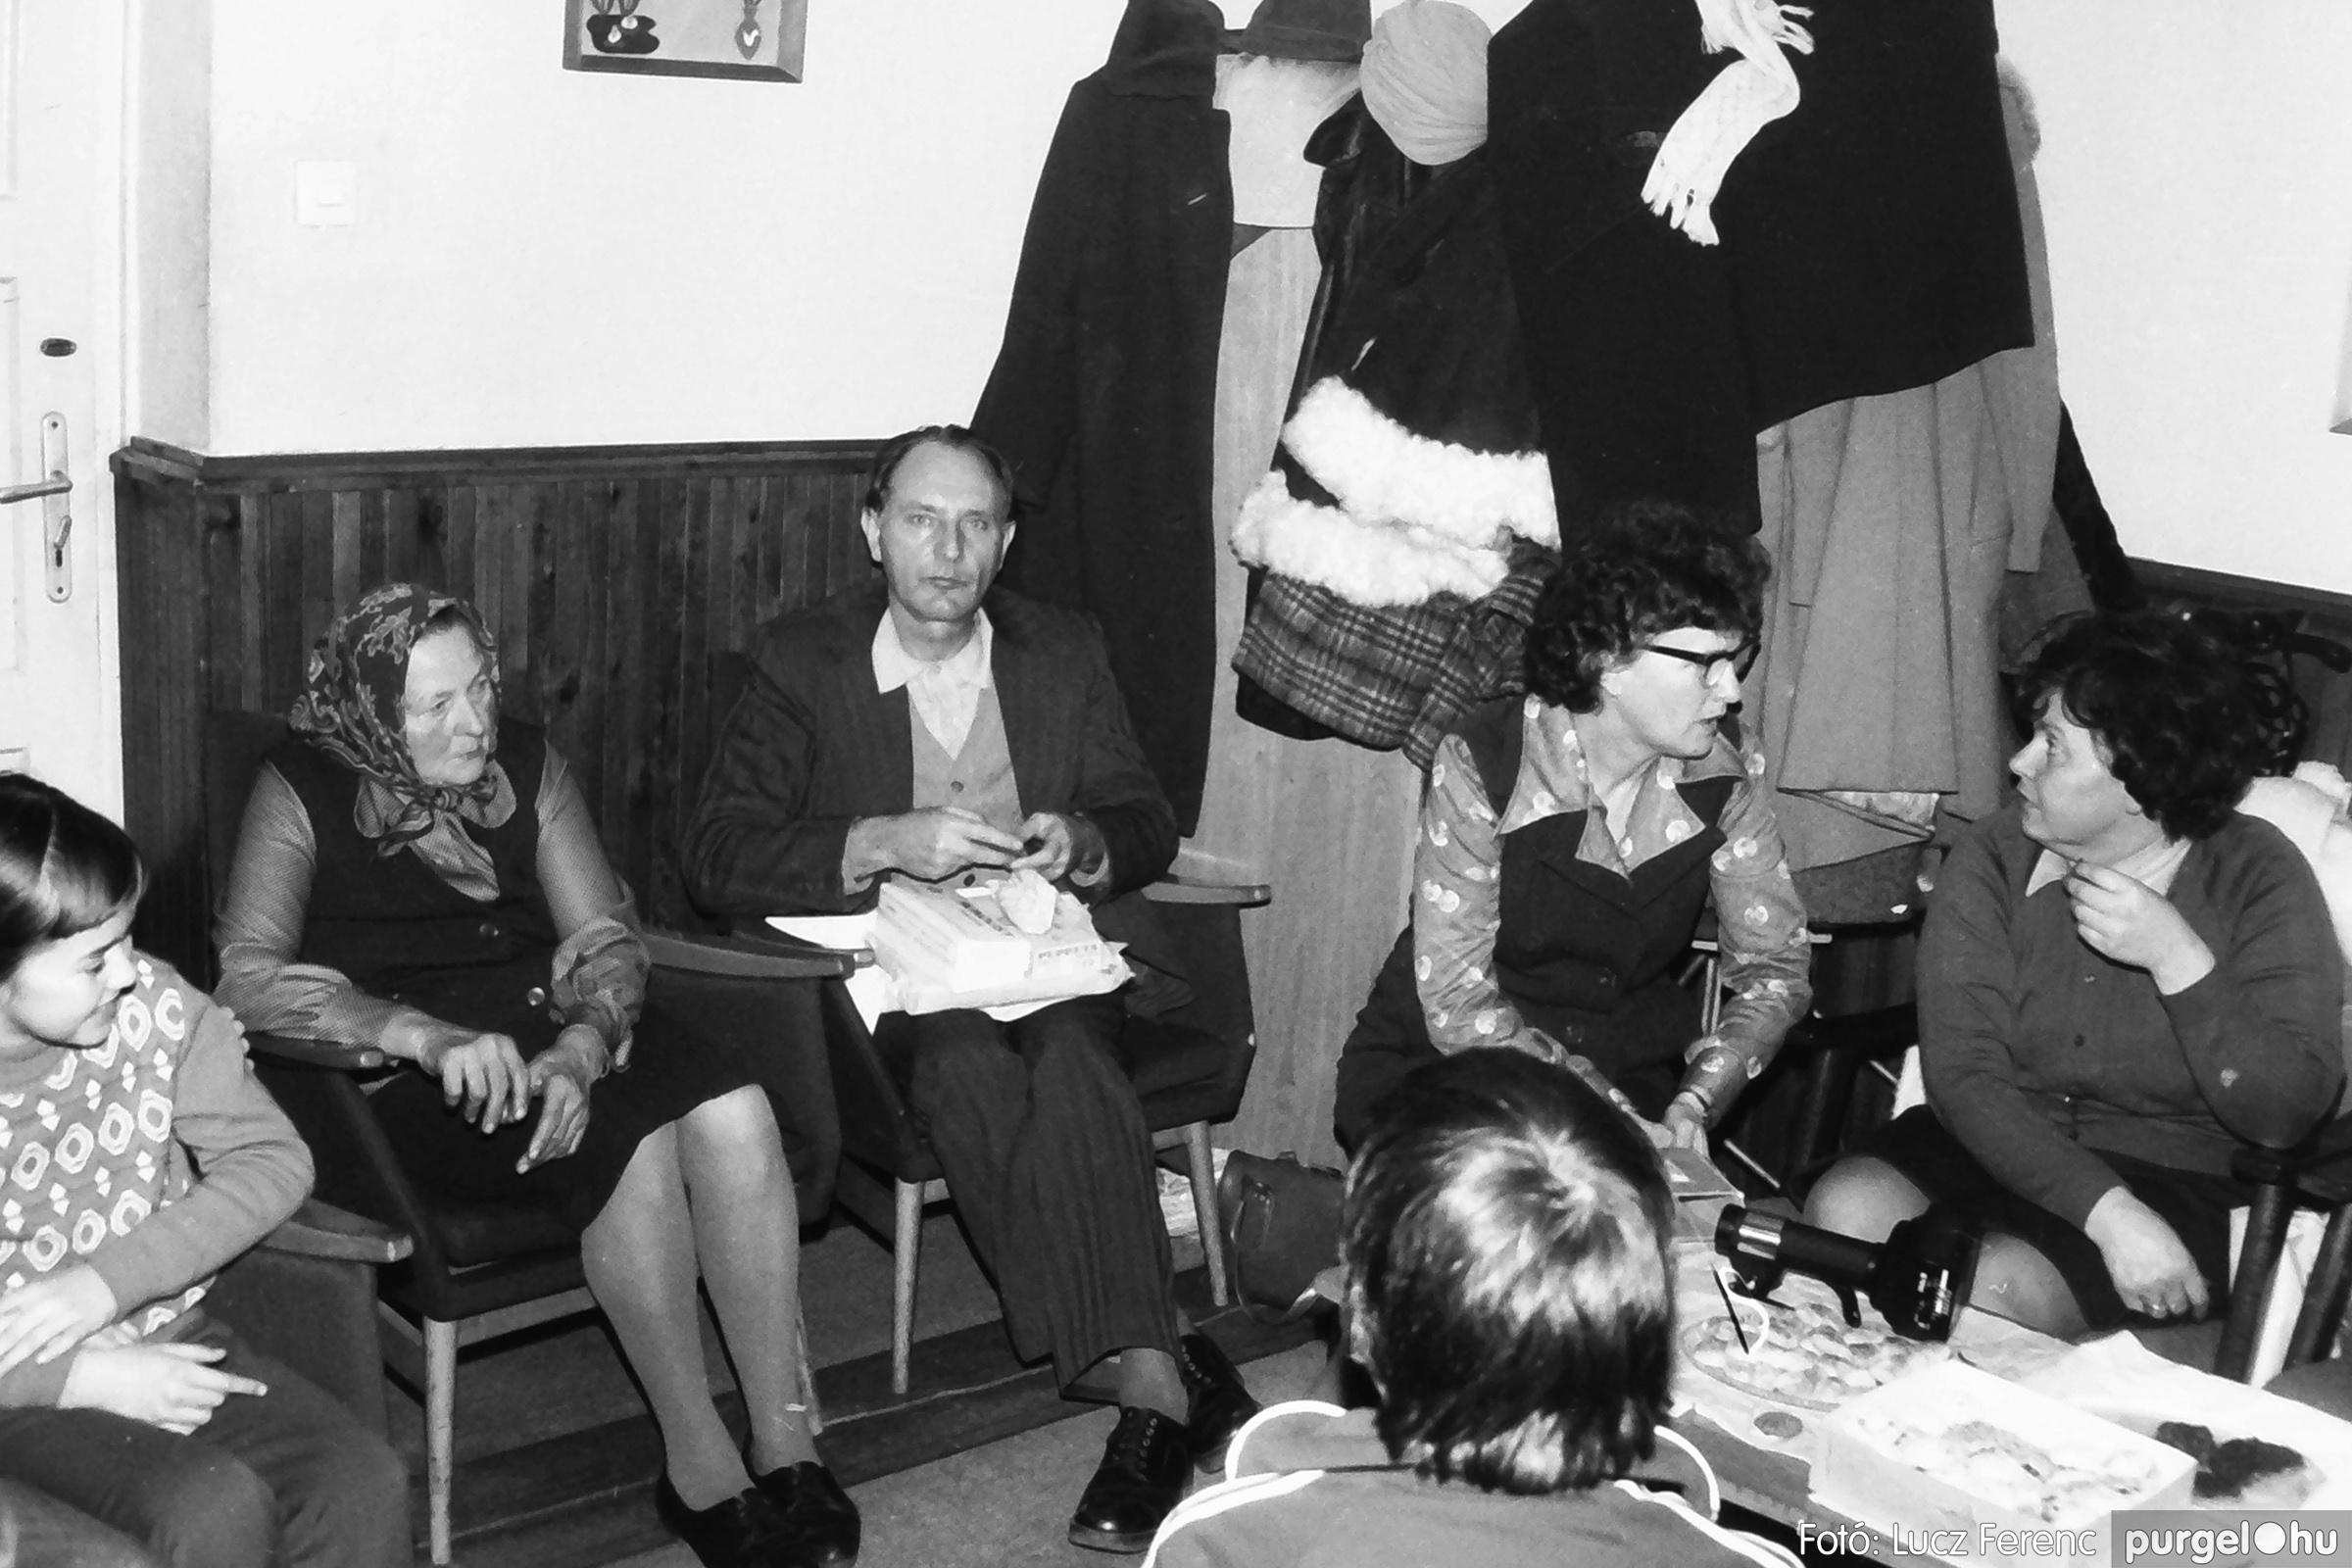 096. 1977. Karácsonyi összejövetel a kultúrházban 018. - Fotó: Lucz Ferenc.jpg